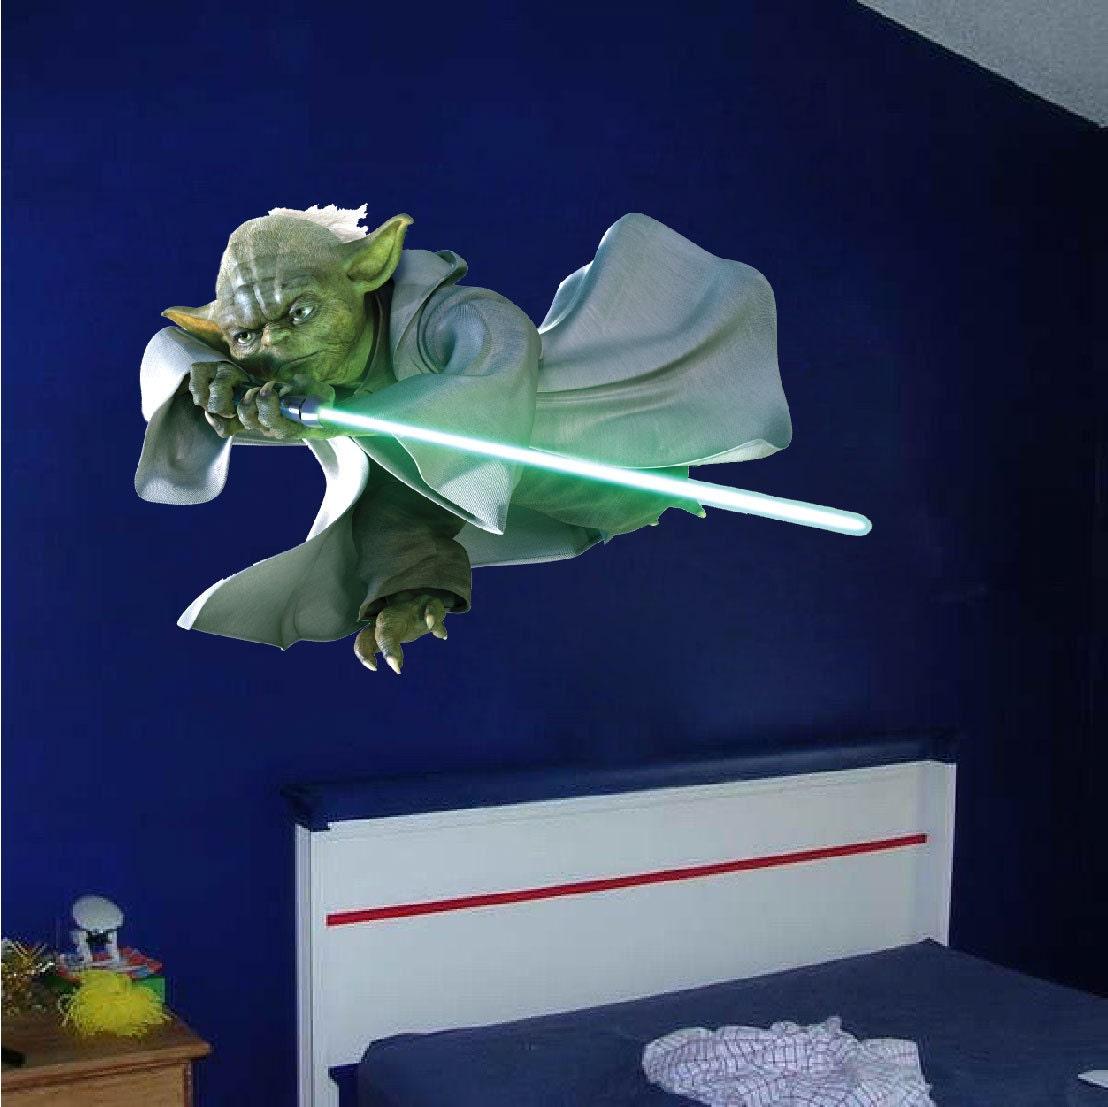 star wars decals star wars wall decals star wars by primedecal. Black Bedroom Furniture Sets. Home Design Ideas